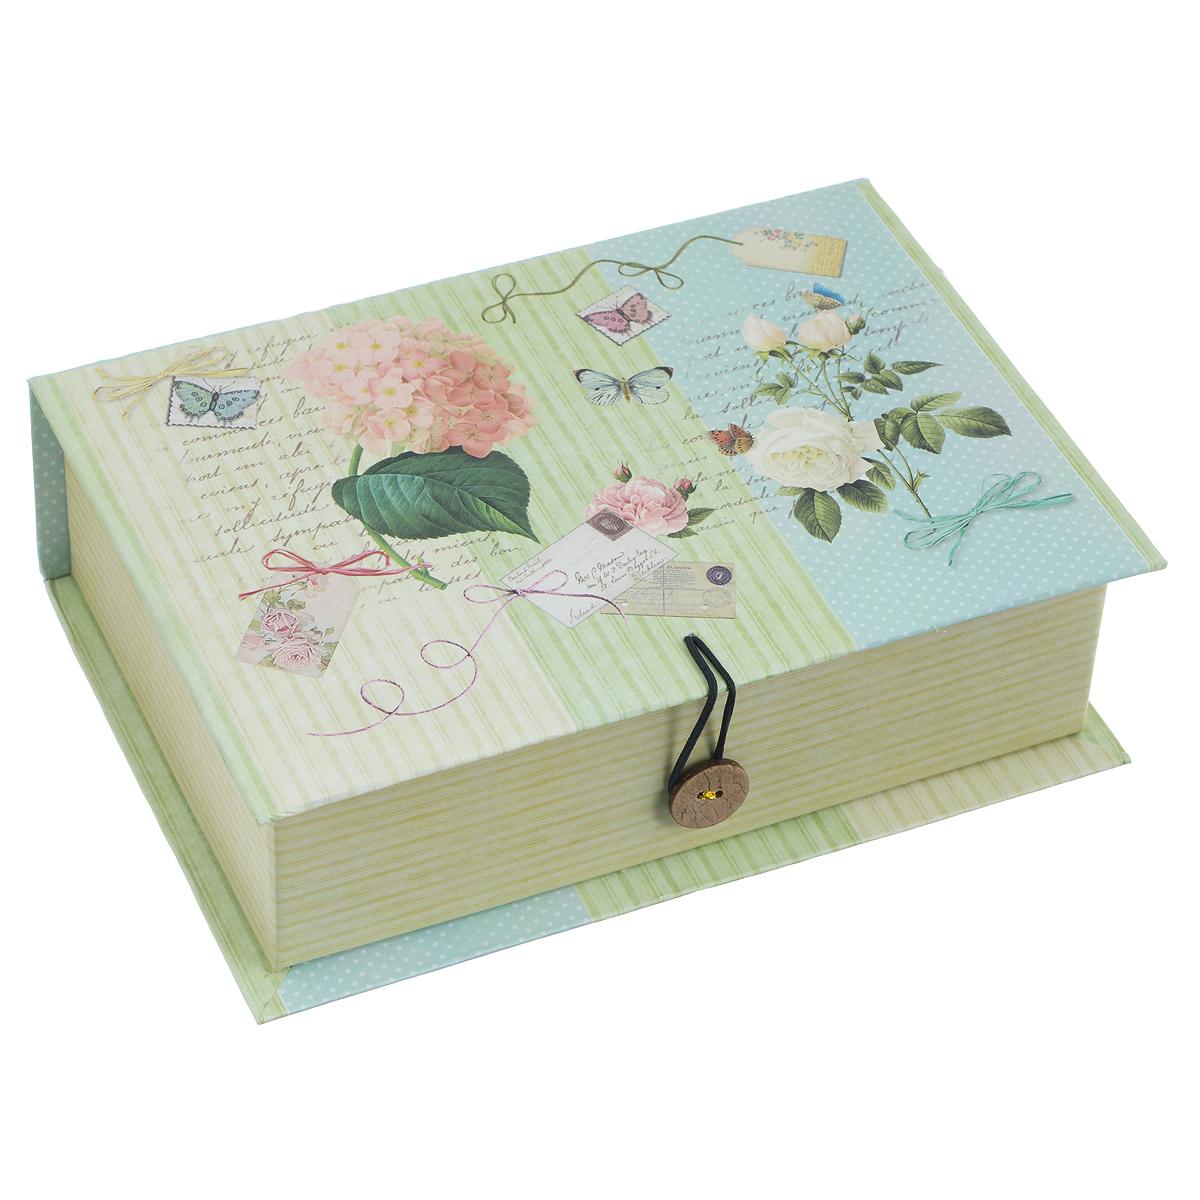 Подарочная коробка Нежность, 18 х 12 х 5 см39466Подарочная коробка Нежность выполнена из плотного картона. Изделие оформлено изображением цветов и поздравительных открыток. Коробка закрывается на пуговицу. Подарочная коробка - это наилучшее решение, если вы хотите порадовать ваших близких и создать праздничное настроение, ведь подарок, преподнесенный в оригинальной упаковке, всегда будет самым эффектным и запоминающимся. Окружите близких людей вниманием и заботой, вручив презент в нарядном, праздничном оформлении. Плотность картона: 1100 г/м2.